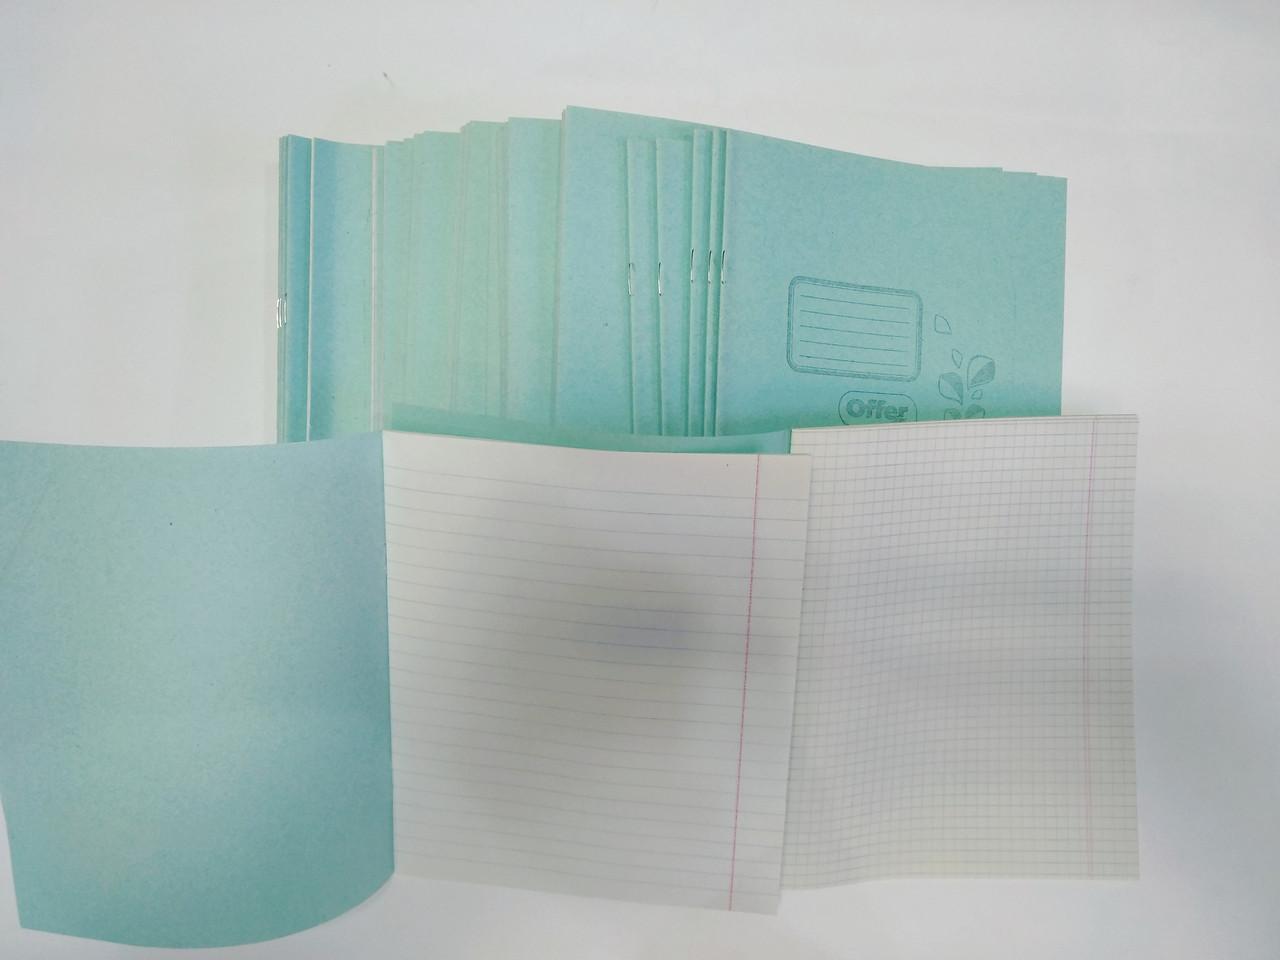 Зошит шкільна фонова 18 аркушів В5 формат білий аркуш клітина лінія коса в асортименті